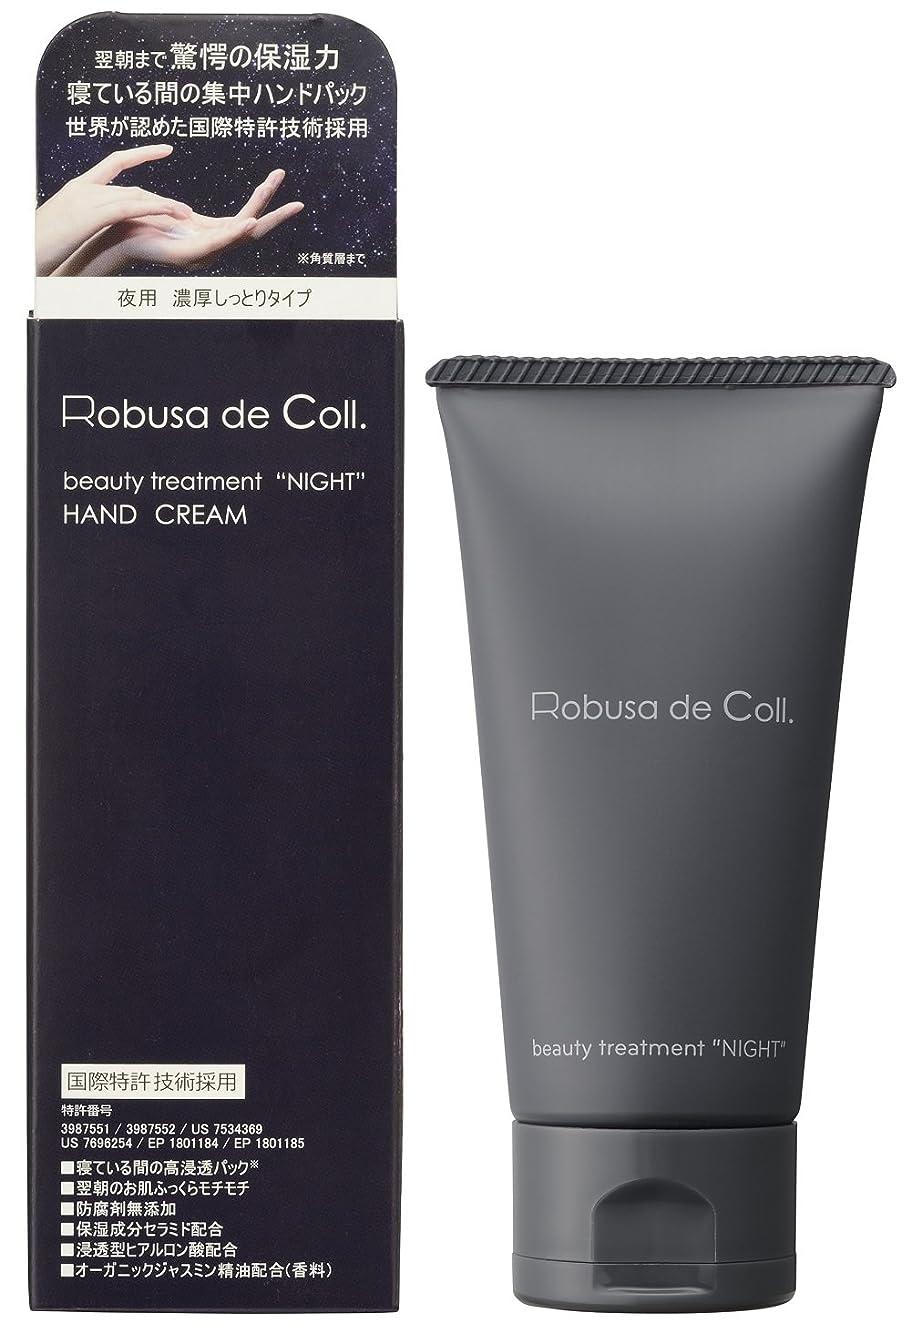 ストレスの多い普通の外交官Robusa de Coll. (ロブサデコル) ナイトリペアクリーム (ハンドクリーム) 60g (皮膚保護クリーム 乾燥 敏感肌用)